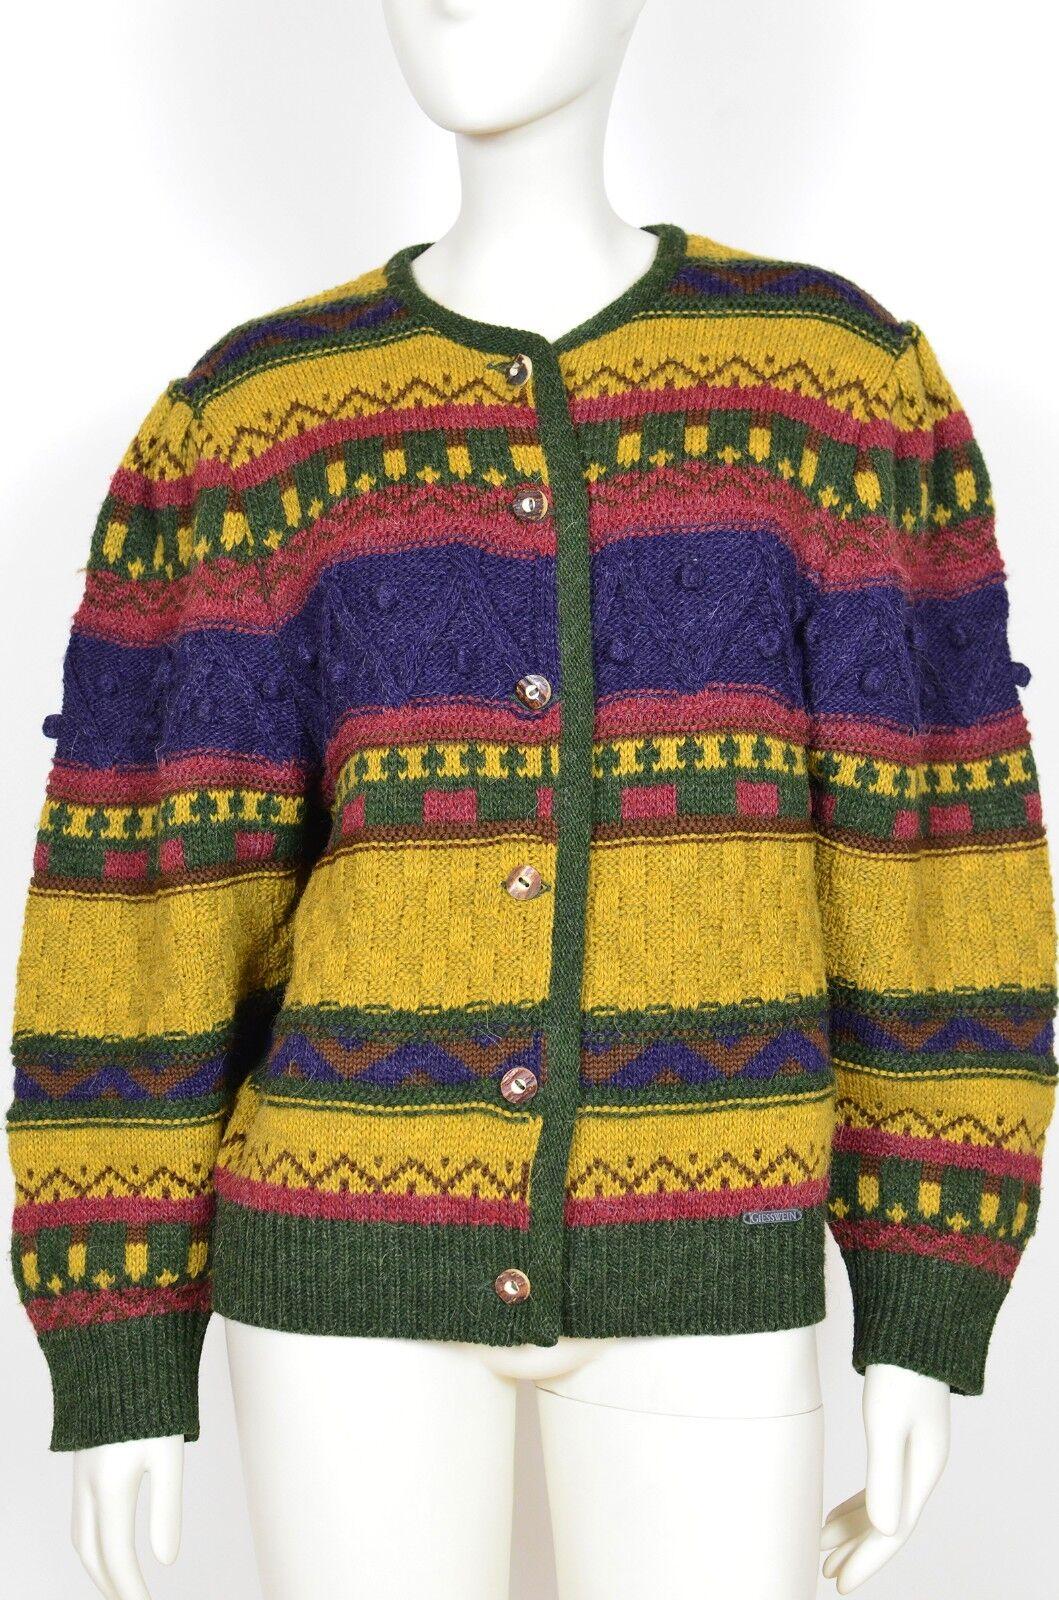 GIESSWEIN Austrian Trachten Knit Knitted Sweater Cardigan US 12